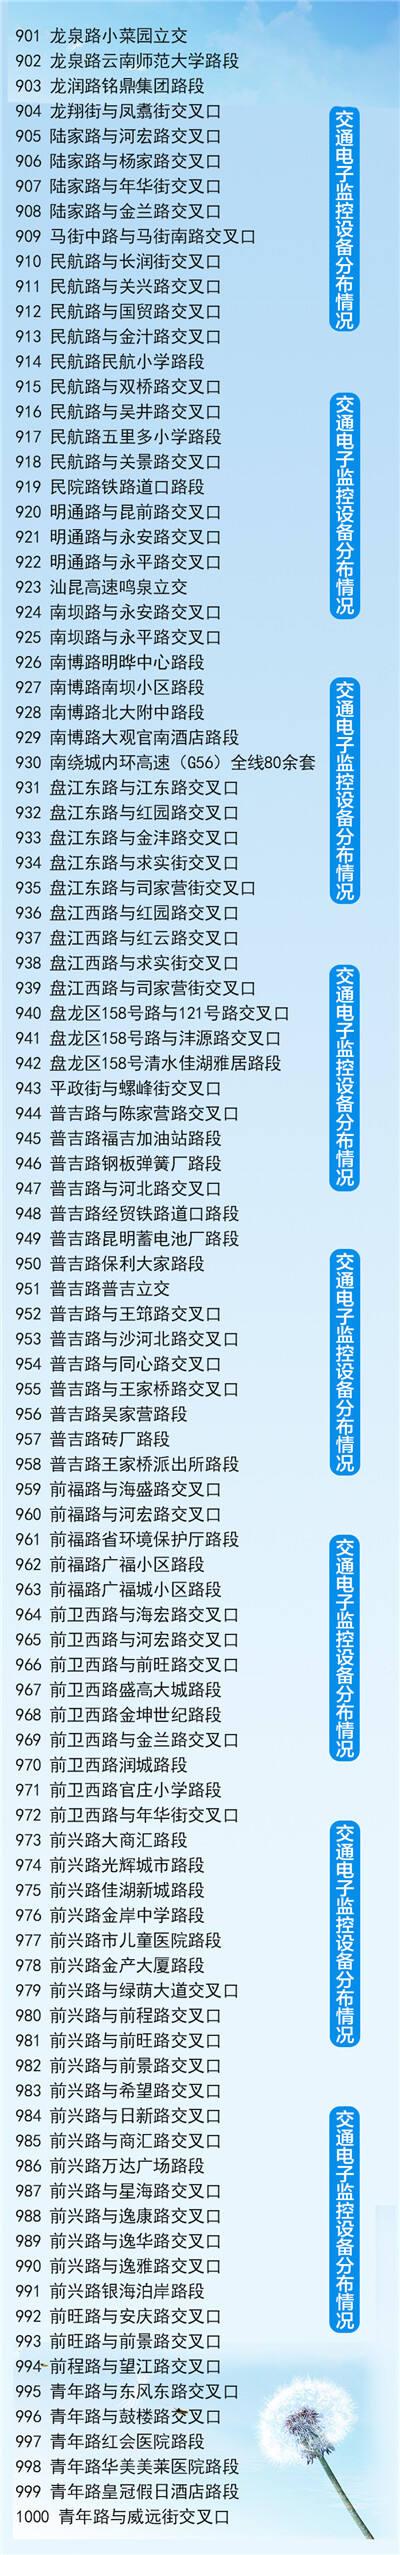 10_副本1.jpg